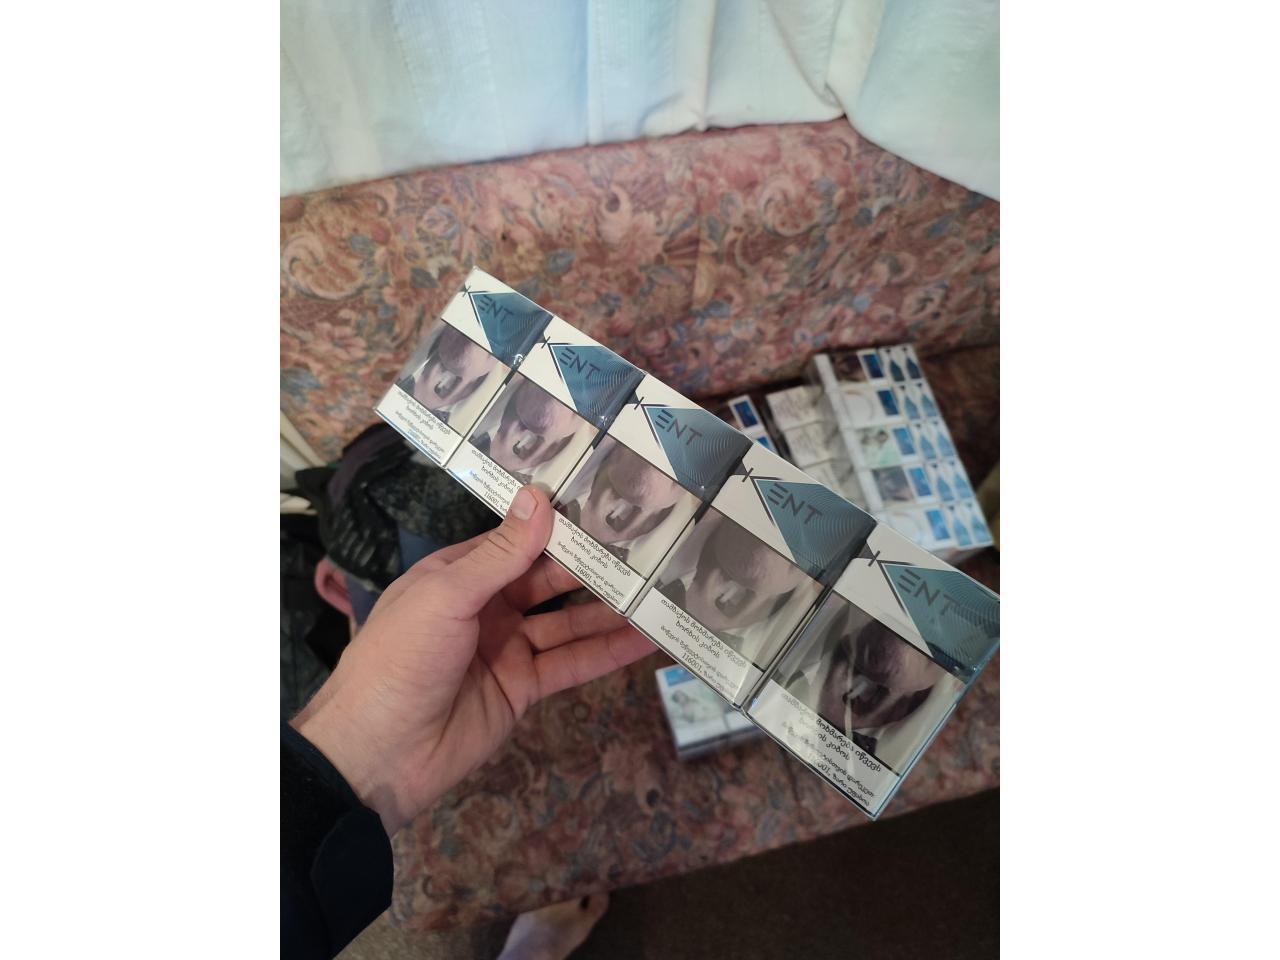 Прямые оптовые поставки сигарет в Великобританию - 1